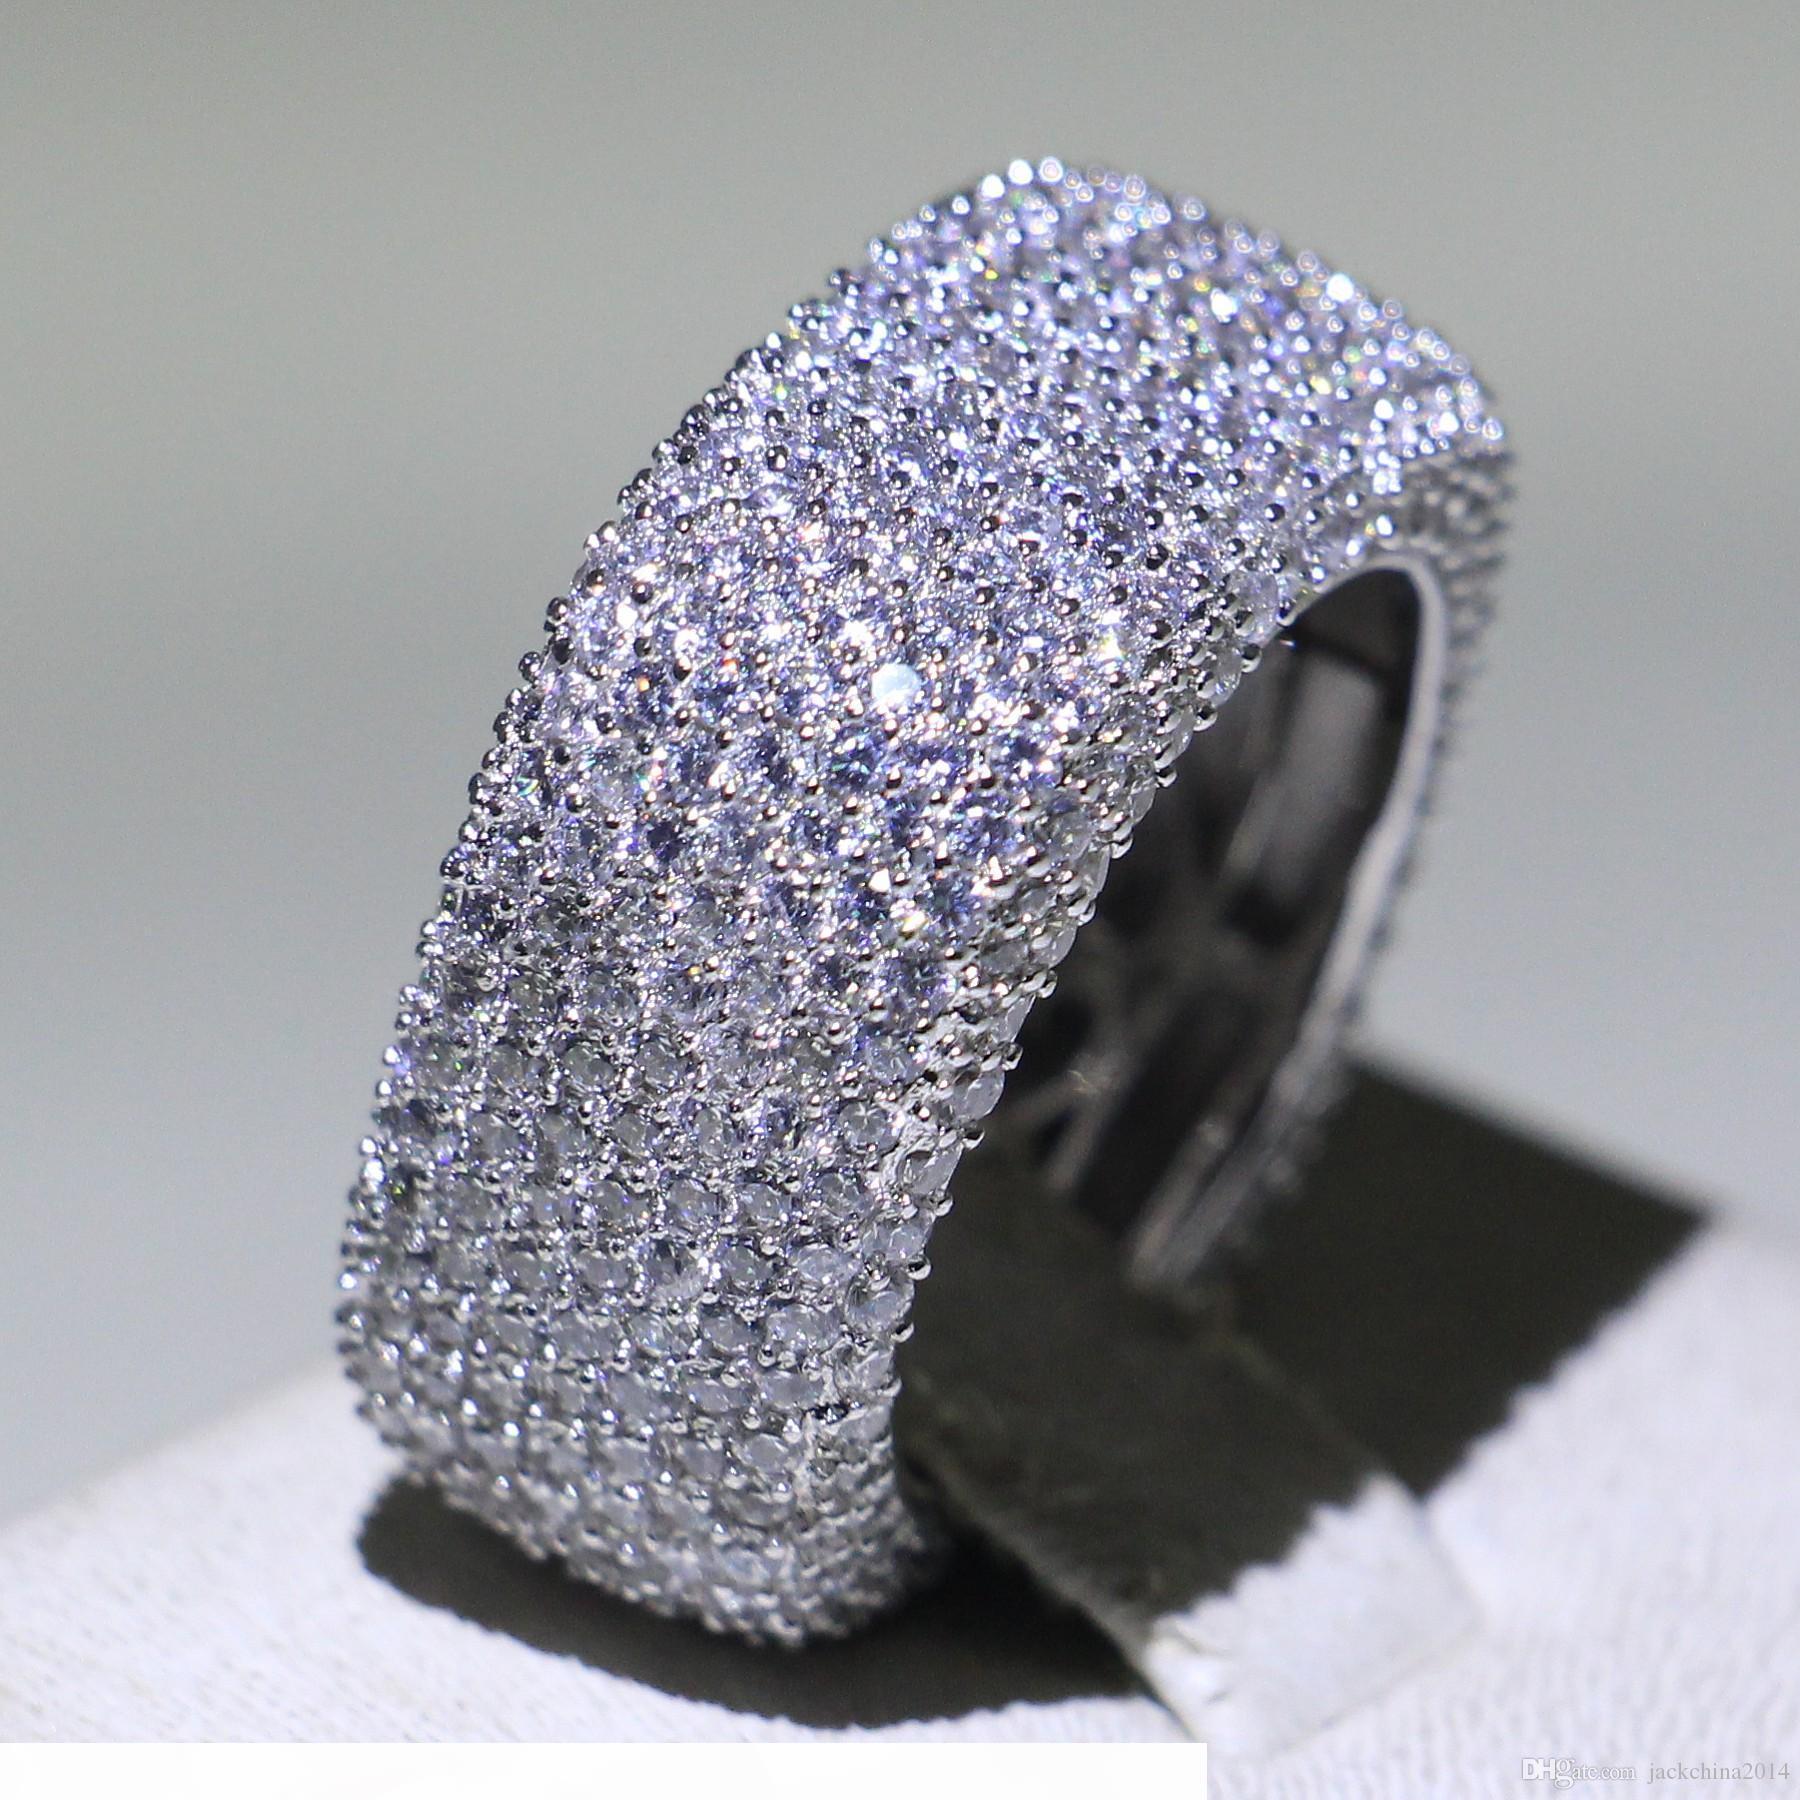 Größe 5-10 Luxus Schmuck 925 Sterling Silber Füllung Pave Mirco Vollweiß Saphir CZ Diamant Versprechen Ring Hochzeit Frauen Band Ring für Liebhaber